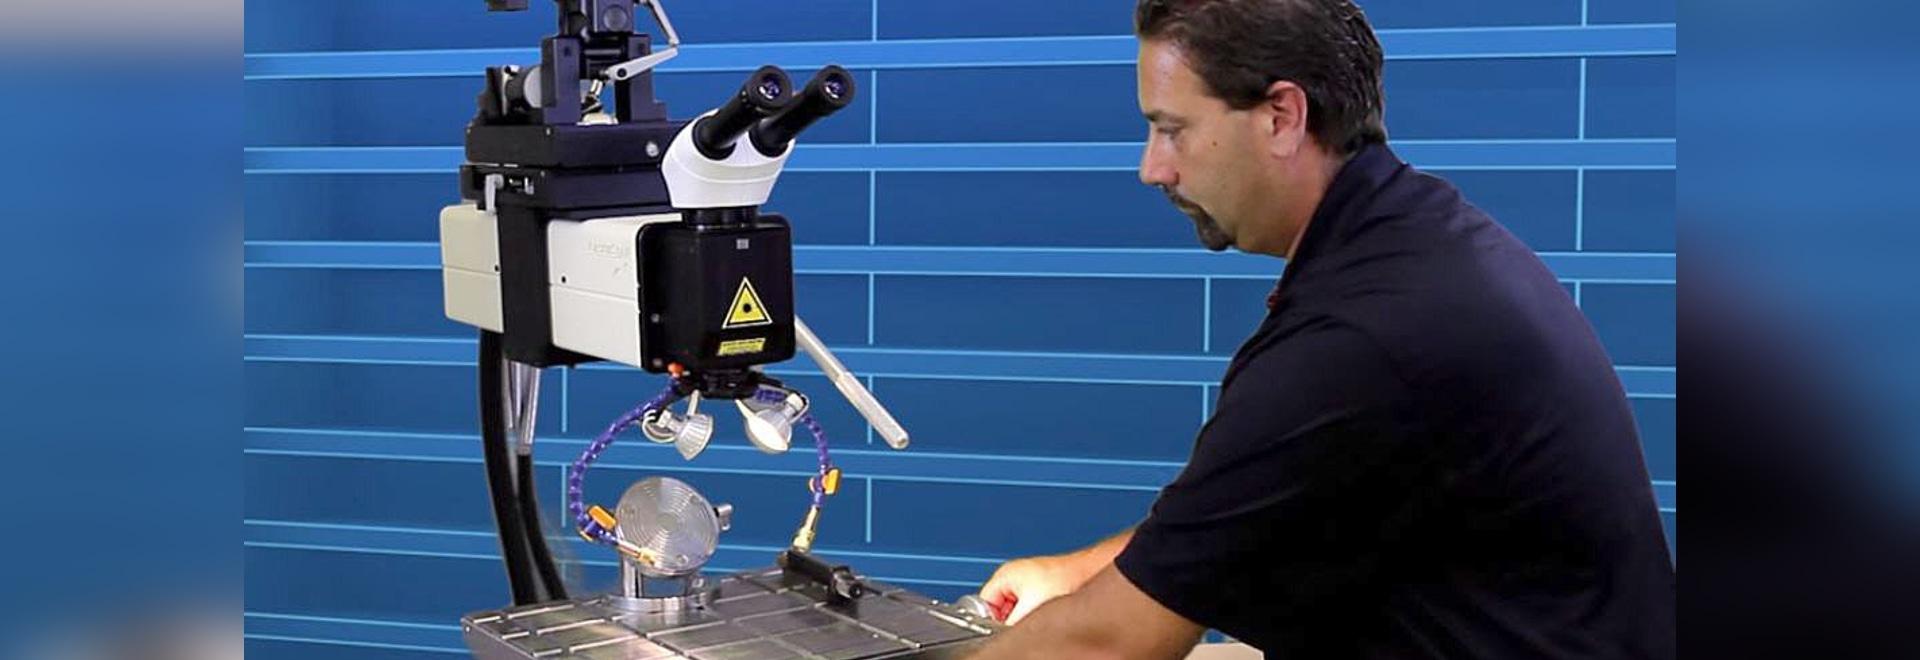 Moldes grandes de la soldadura de laser - 7700 series con la ...